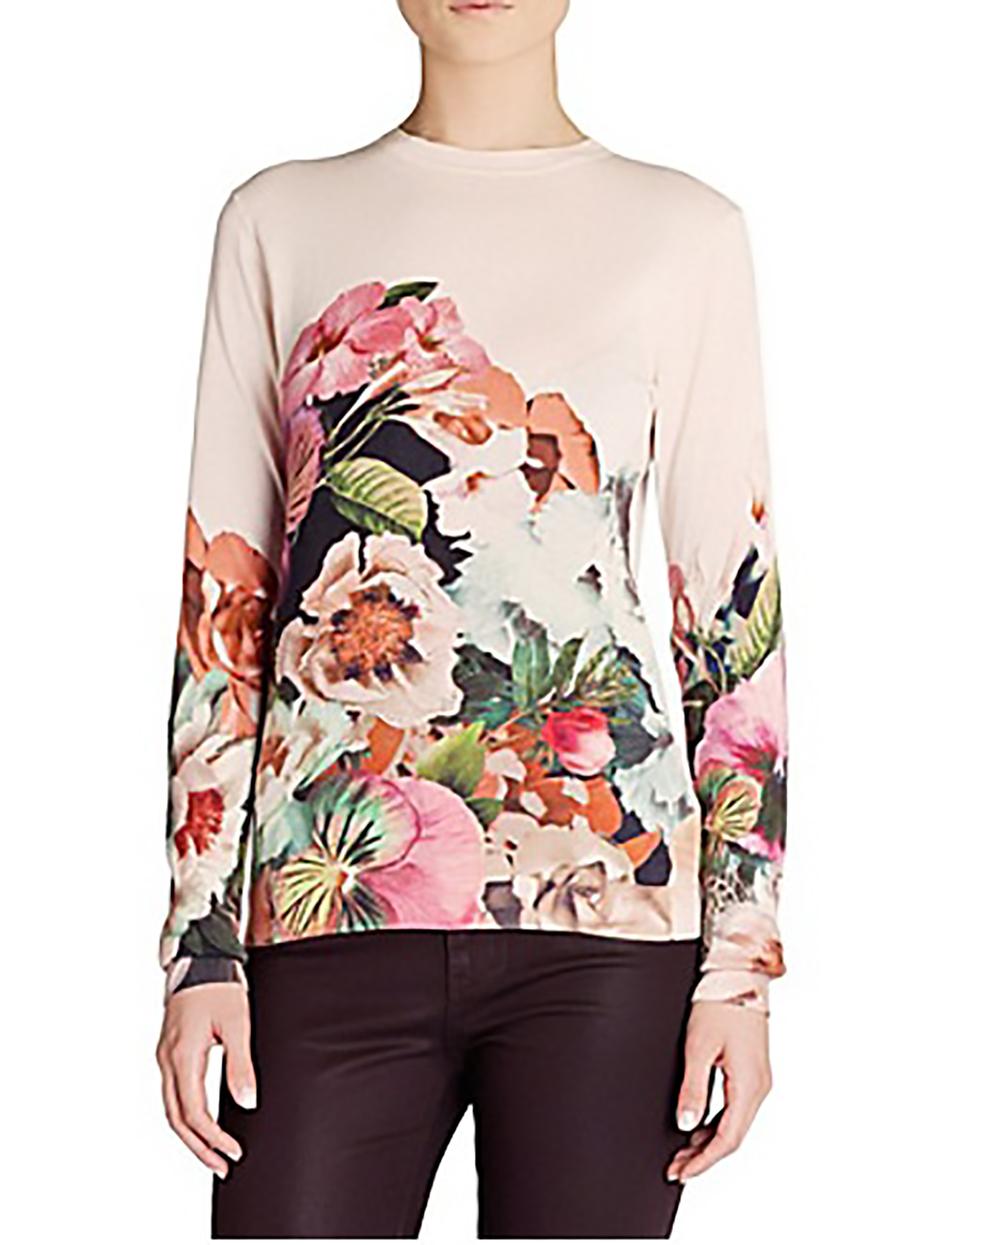 selfridges ted baker tangled floral print jumper winter florals 1500.jpg